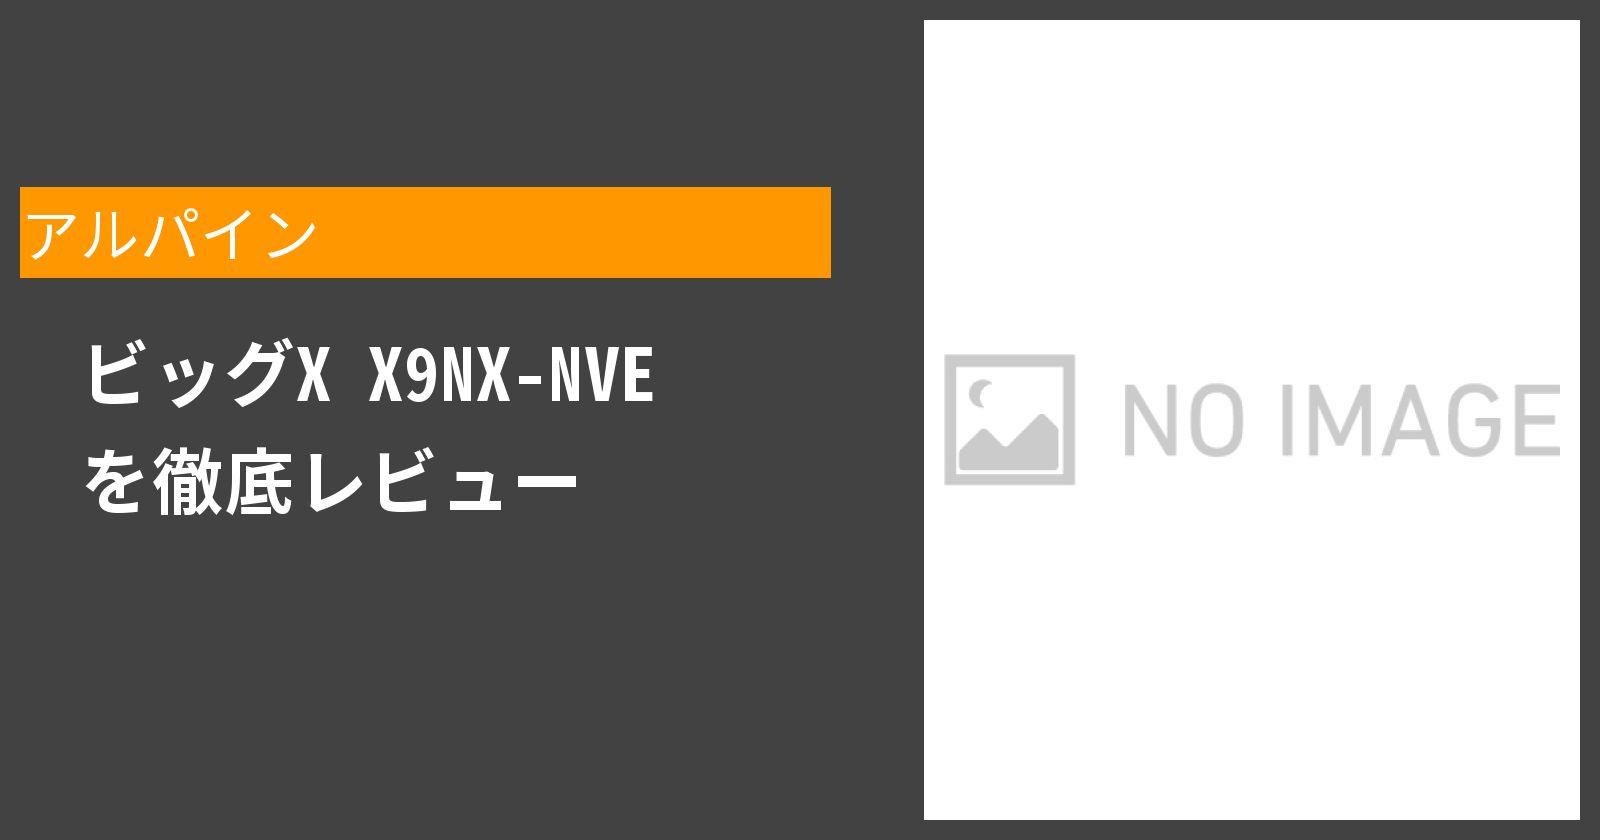 ビッグX X9NX-NVEを徹底評価